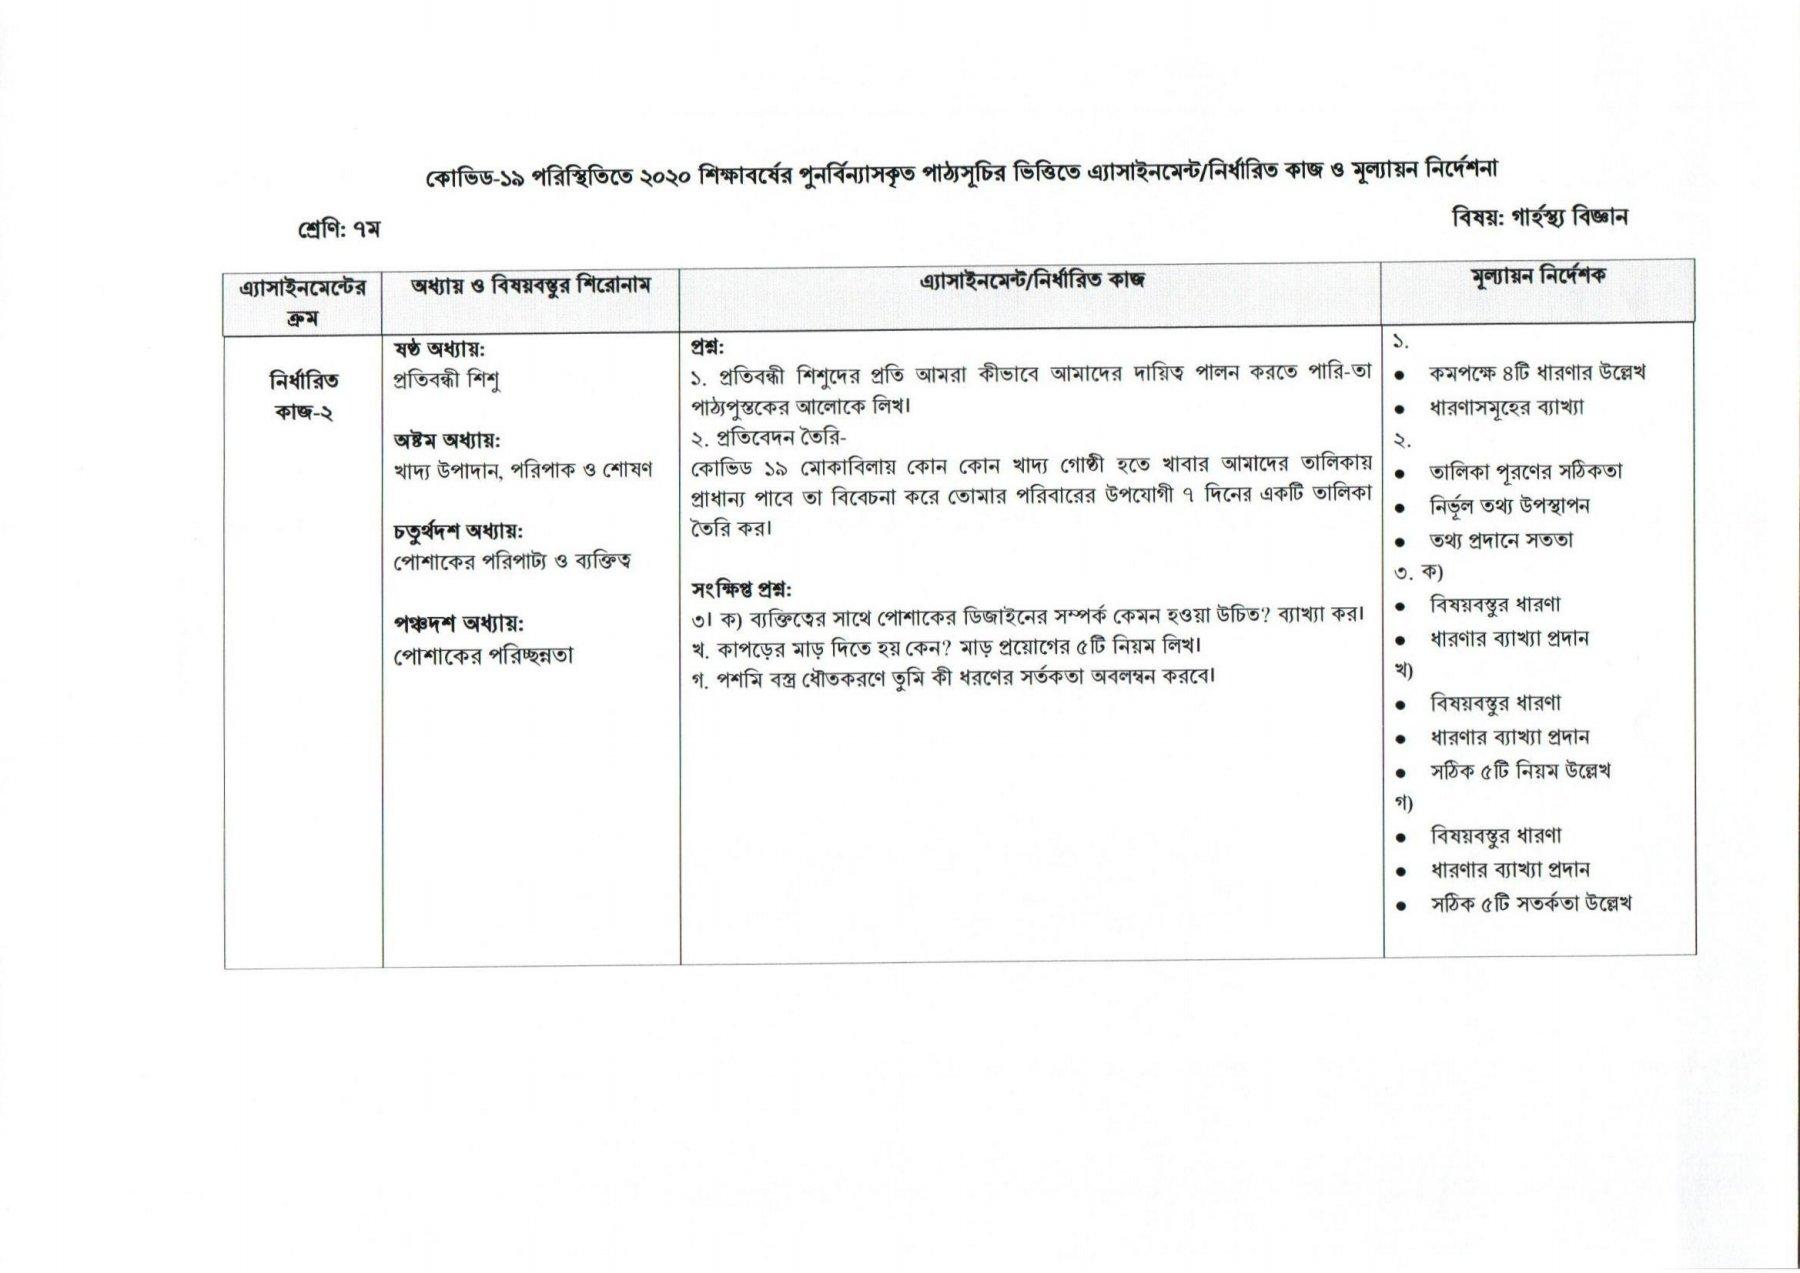 ষষ্ঠ সপ্তাহের সপ্তম/৭ম শ্রেণির গার্হস্থ্য বিজ্ঞান এসাইনমেন্ট  প্রশ্ন ও সমাধান